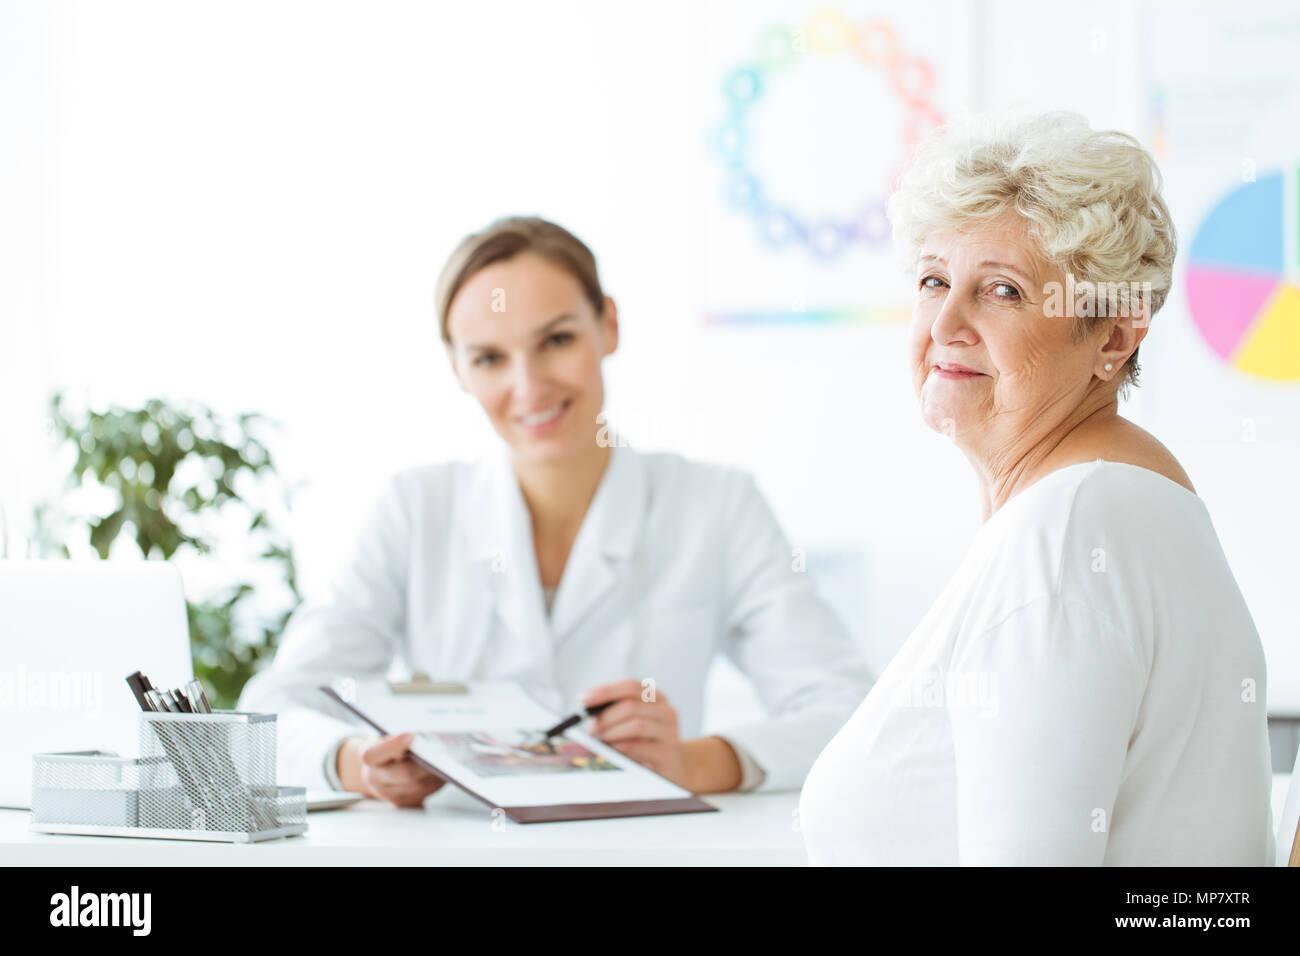 Diabético sonriente obtiene un plan de dieta personalizada de nutricionista profesional. Dietista consulta concepto Imagen De Stock